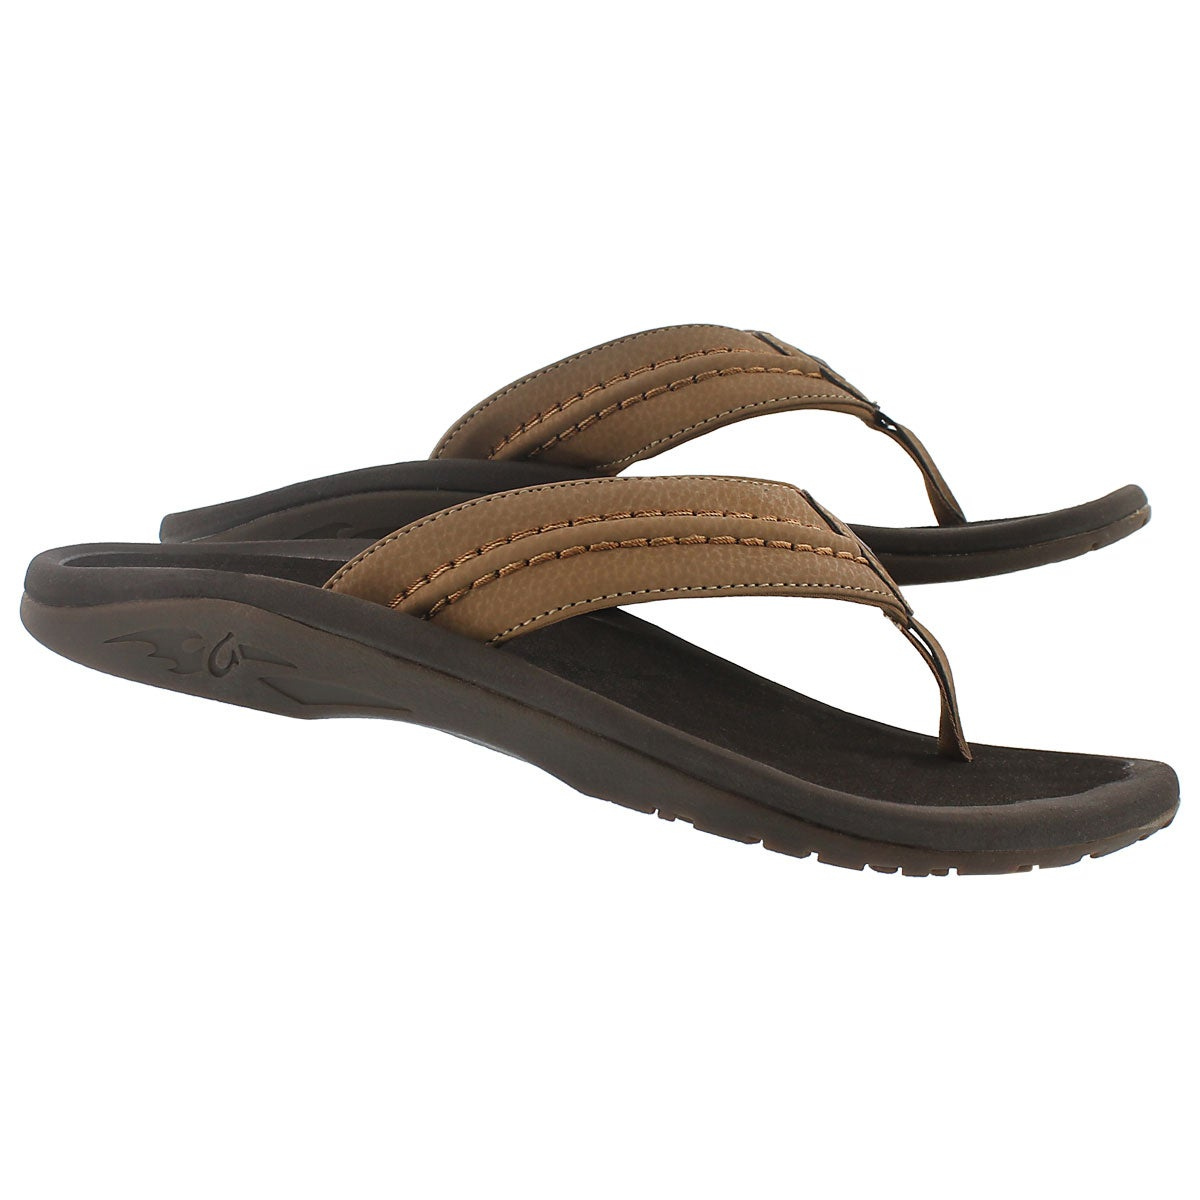 Sandale tong Hokua, havane, hommes